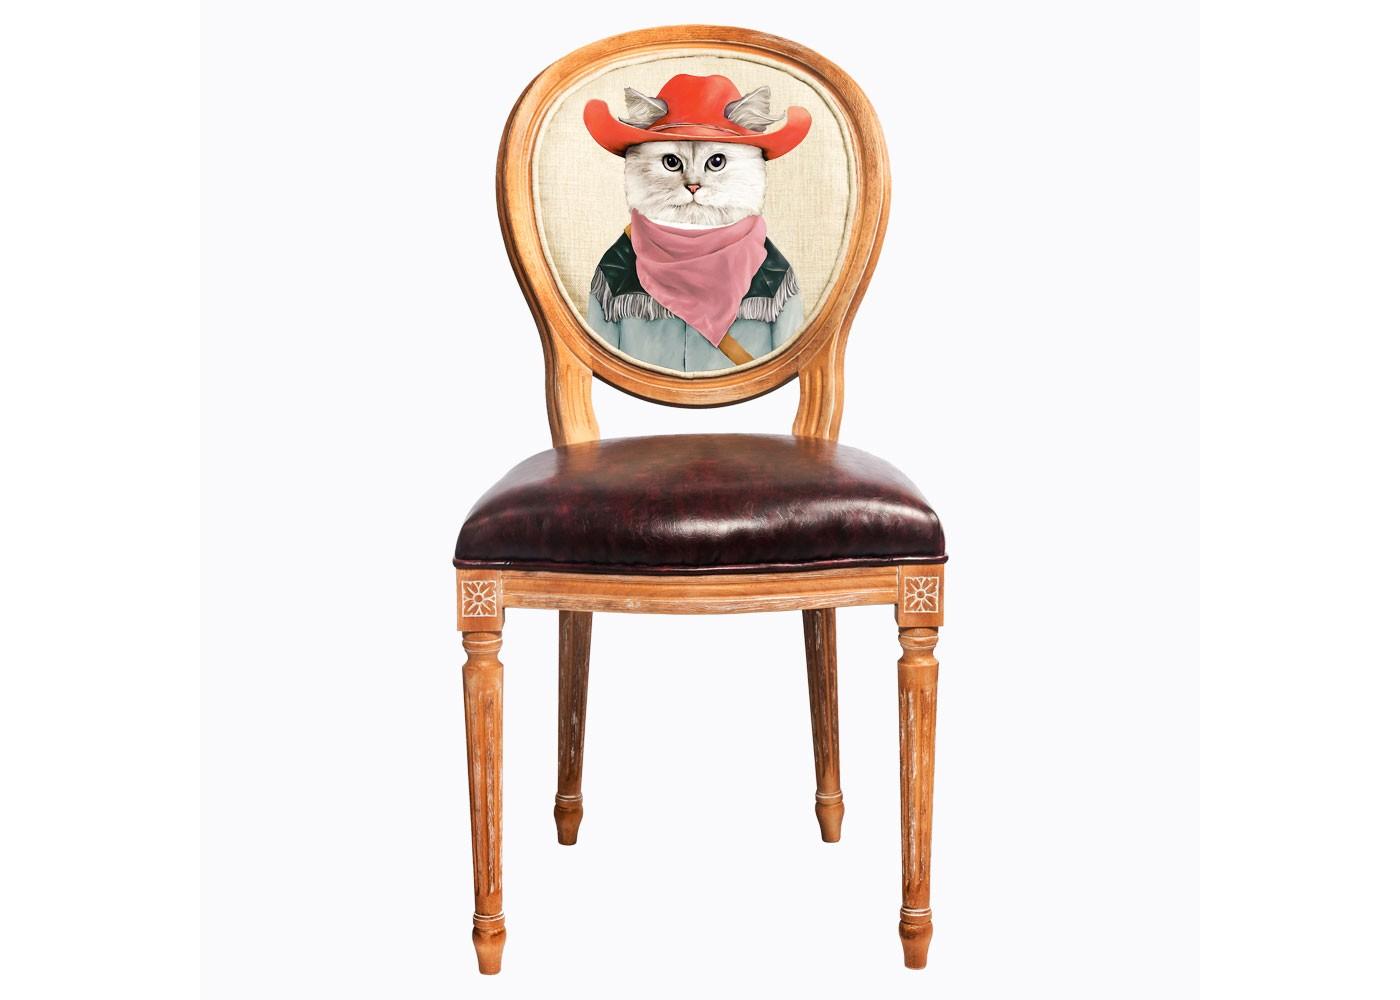 Стул «Мистер Ковбой»Обеденные стулья<br>&amp;lt;div&amp;gt;Смелые контрасты - привилегия интерьера, ценящего стиль и индивидуальность.Стул &amp;quot;Мистер Ковбой&amp;quot; - универсальное, но отборное решение гостиной, столовой, спальни, кабинета, холла и детской комнаты.&amp;amp;nbsp;&amp;lt;/div&amp;gt;&amp;lt;div&amp;gt;Не упустите случай обладания поистине уникальной дизайнерской мебелью, - каждый из рисунков выпущен лимитированным тиражом.&amp;lt;br&amp;gt;&amp;lt;/div&amp;gt;&amp;lt;div&amp;gt;Мебель и аксессуары от &amp;quot;Объекта мечты&amp;quot; - единый коллекционный&amp;amp;amp;nbsp;&amp;amp;gt;дизайн Вашего дома.&amp;lt;/div&amp;gt;&amp;lt;div&amp;gt;&amp;lt;br&amp;gt;&amp;lt;/div&amp;gt;&amp;lt;div&amp;gt;Материал: бук, экокожа, лен, хлопок&amp;lt;br&amp;gt;&amp;lt;/div&amp;gt;&amp;lt;div&amp;gt;&amp;lt;br&amp;gt;&amp;lt;/div&amp;gt;&amp;lt;div&amp;gt;&amp;lt;br&amp;gt;&amp;lt;/div&amp;gt;&amp;lt;div&amp;gt;&amp;lt;br&amp;gt;&amp;lt;/div&amp;gt;&amp;lt;div&amp;gt;&amp;lt;/div&amp;gt;<br><br>&amp;lt;iframe width=&amp;quot;530&amp;quot; height=&amp;quot;315&amp;quot; src=&amp;quot;https://www.youtube.com/embed/3vitXSFtUrE&amp;quot; frameborder=&amp;quot;0&amp;quot; allowfullscreen=&amp;quot;&amp;quot;&amp;gt;&amp;lt;/iframe&amp;gt;<br><br>Material: Дерево<br>Width см: 50<br>Depth см: 47<br>Height см: 98